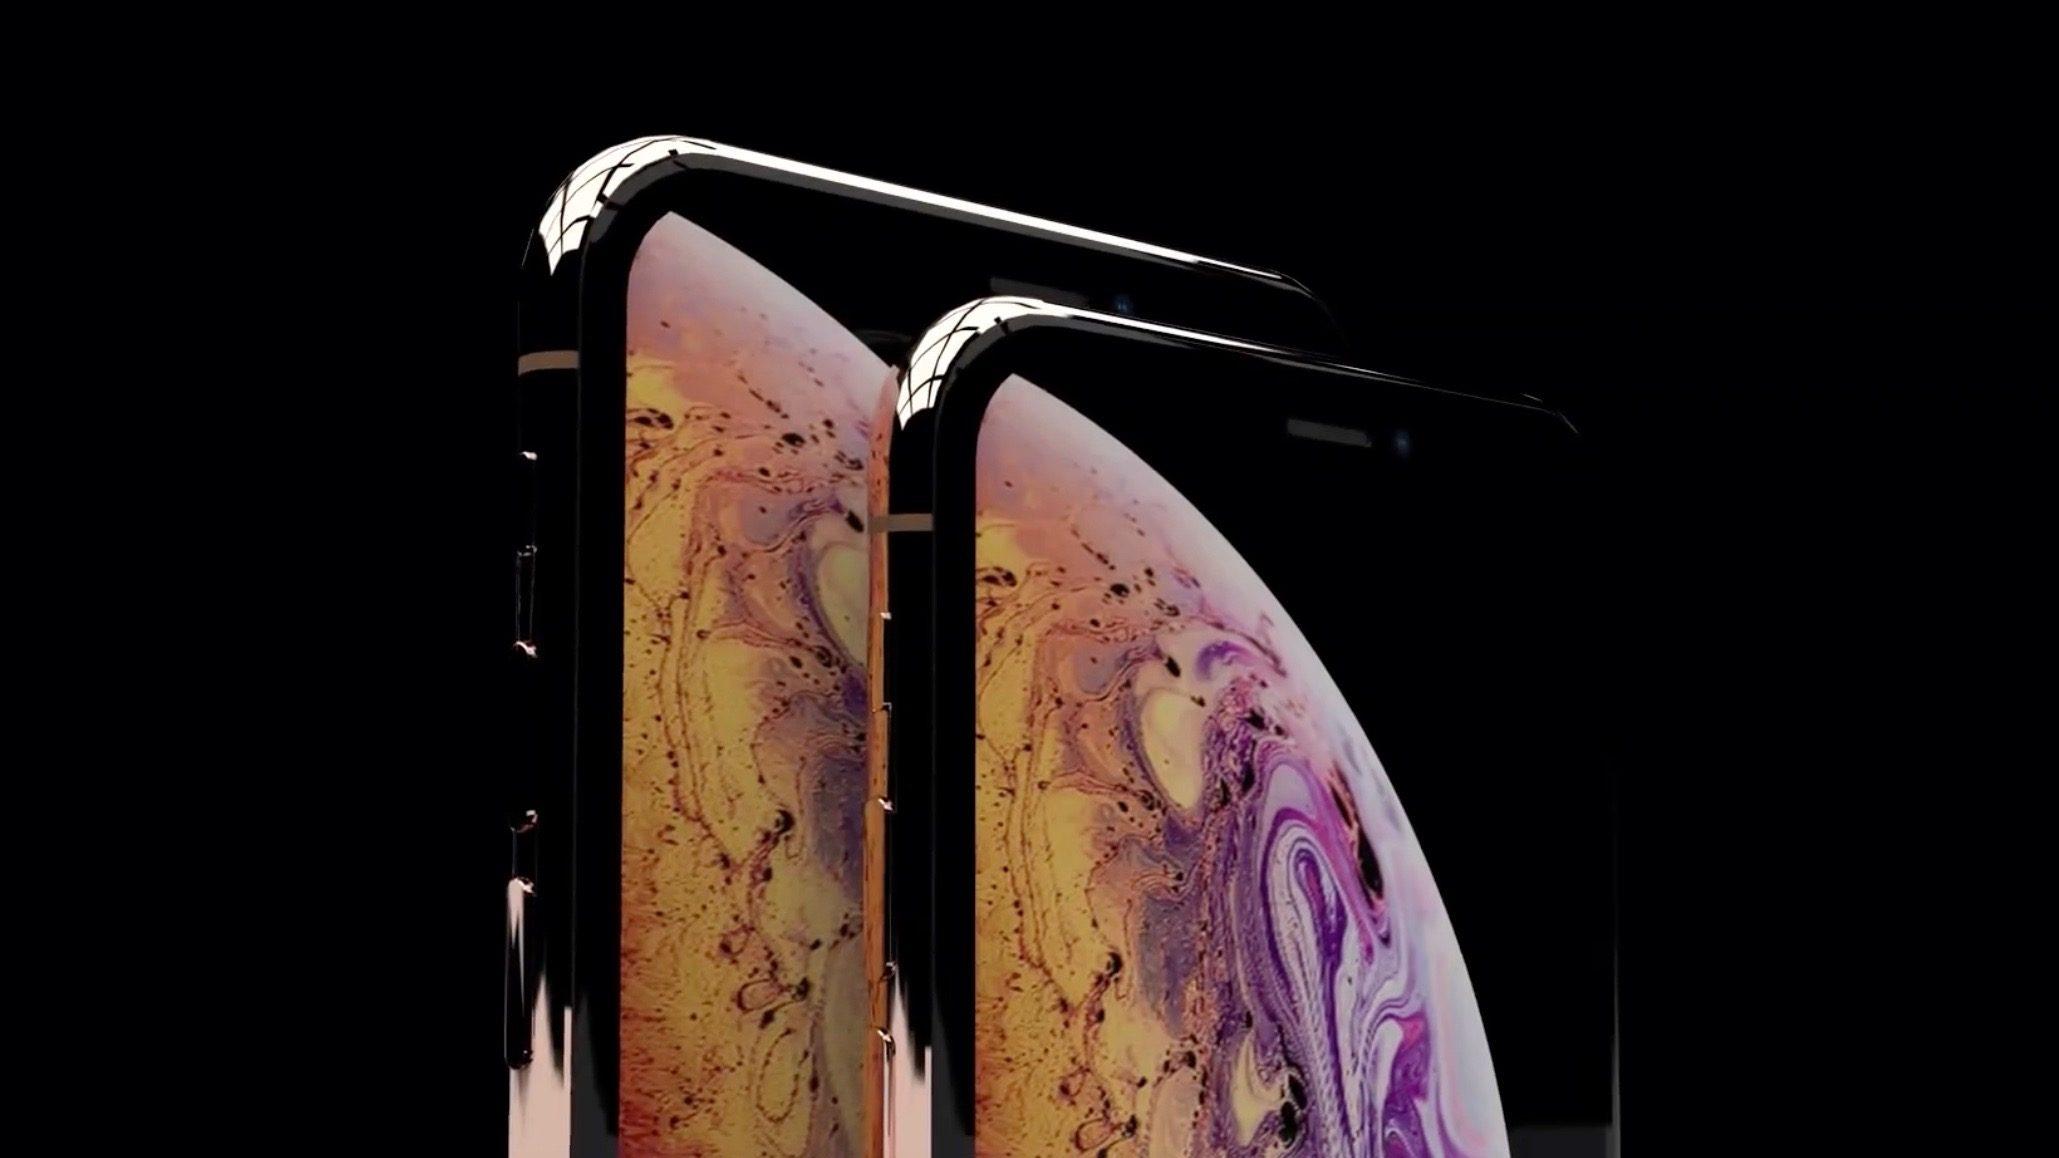 Инсайдеры сказали, сколько будет стоить iPhone Xs в Европе